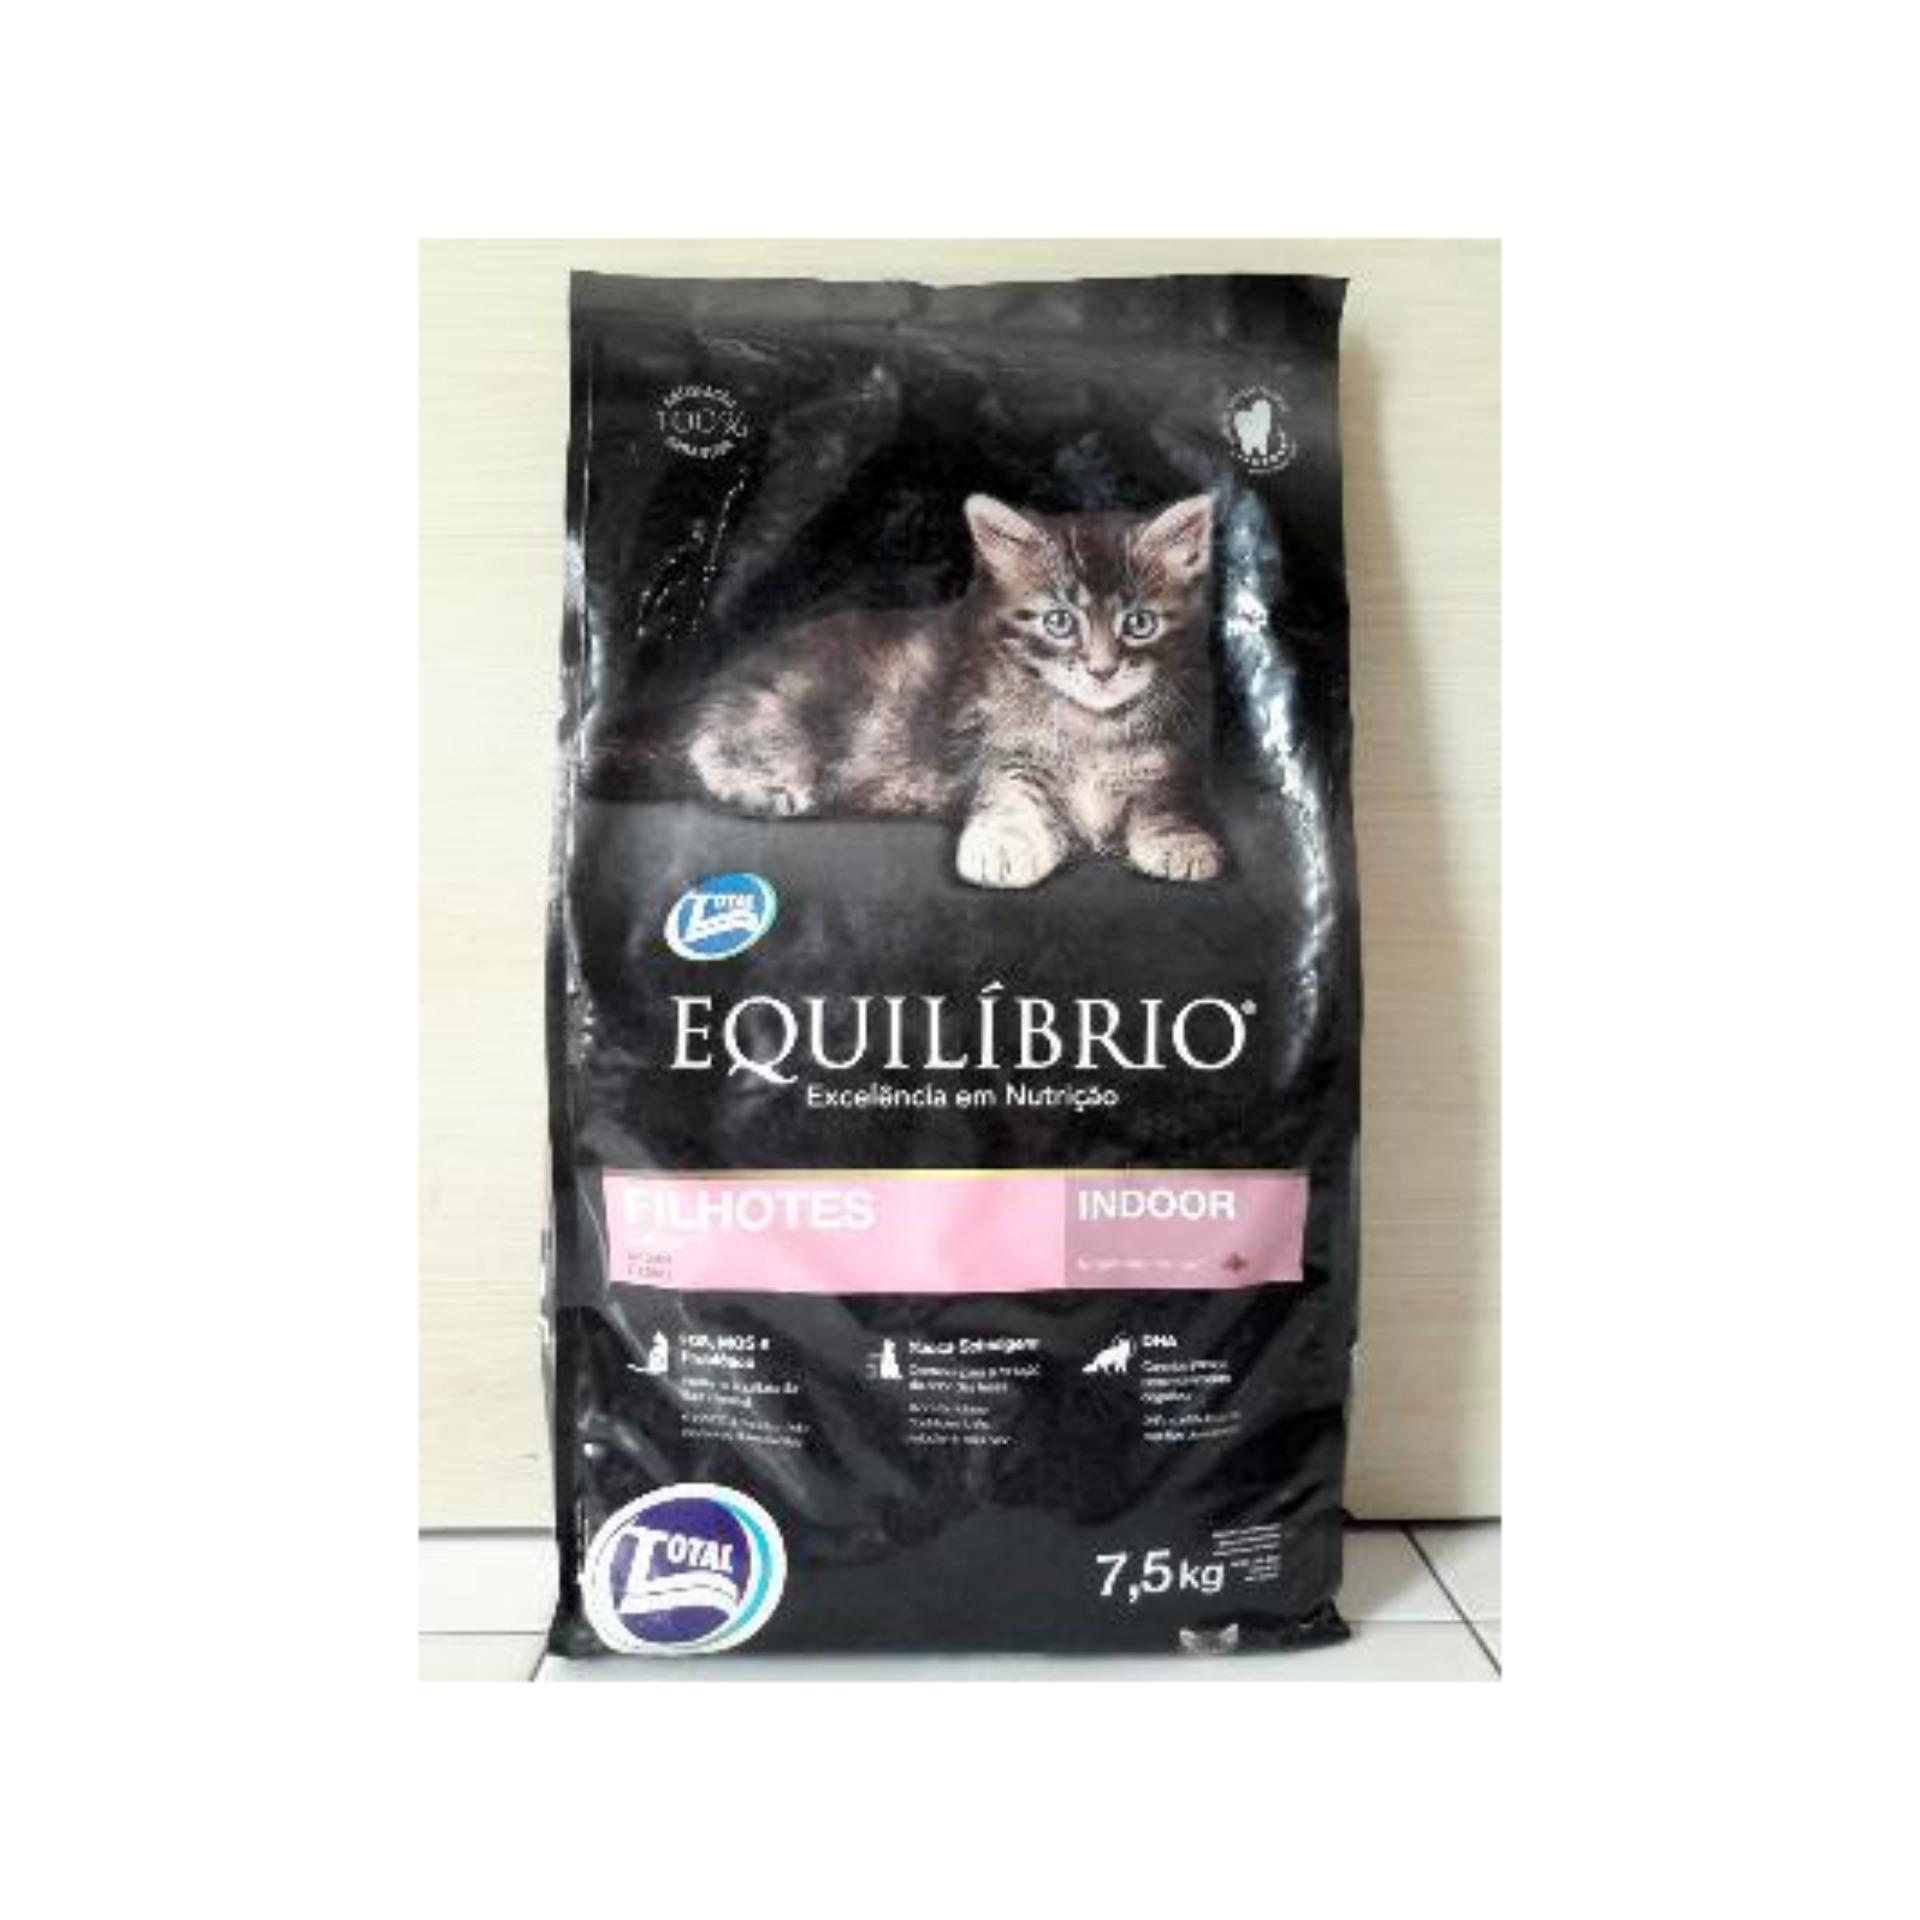 Fitur Equil Natural Water 380ml Dan Harga Terbaru Info Lock Abf641 Hbb Makanan Kucing Equilibrio Kitten Cat Food